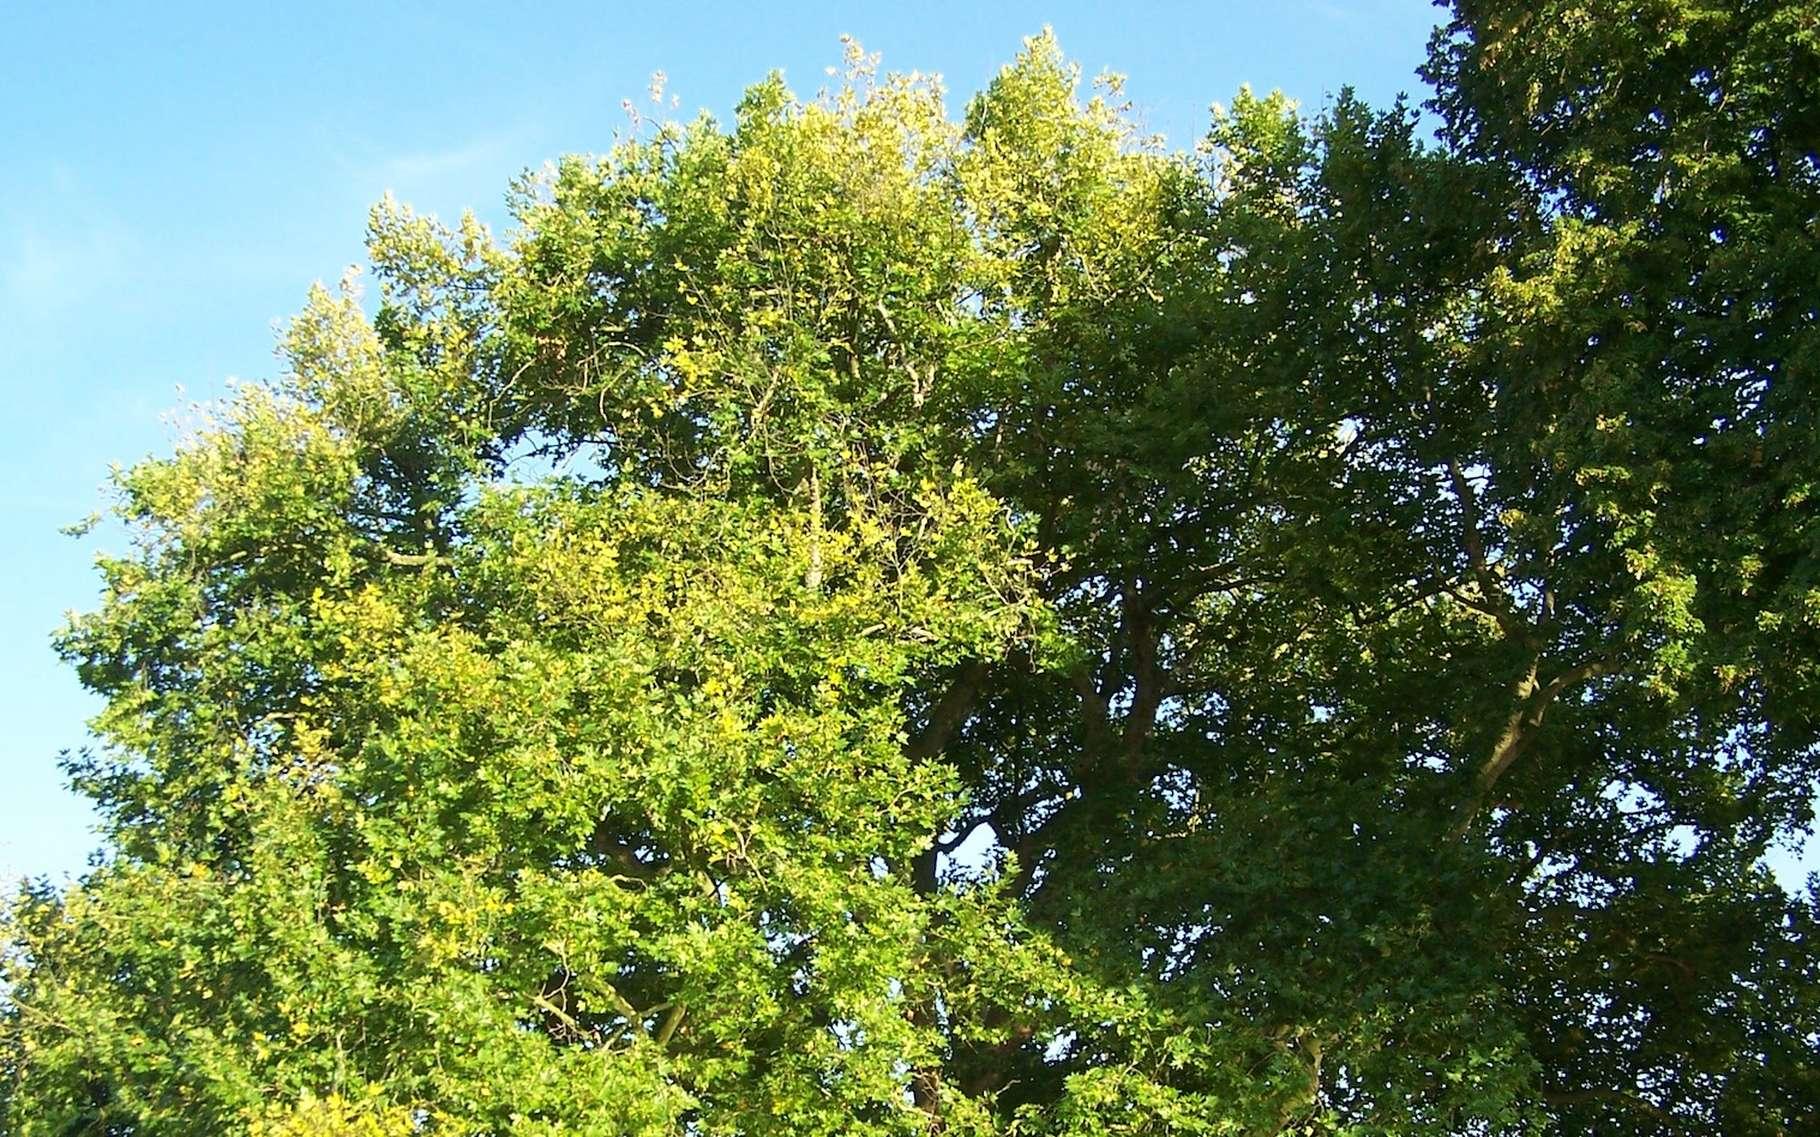 L'arbre de Diane que nous propose ici de découvrir la chimie n'a rien à voir avec cet arbre remarquable qui se dresse dans un parc des Yvelines. © Henrysalome, Wikipedia, CC by-SA 3.0